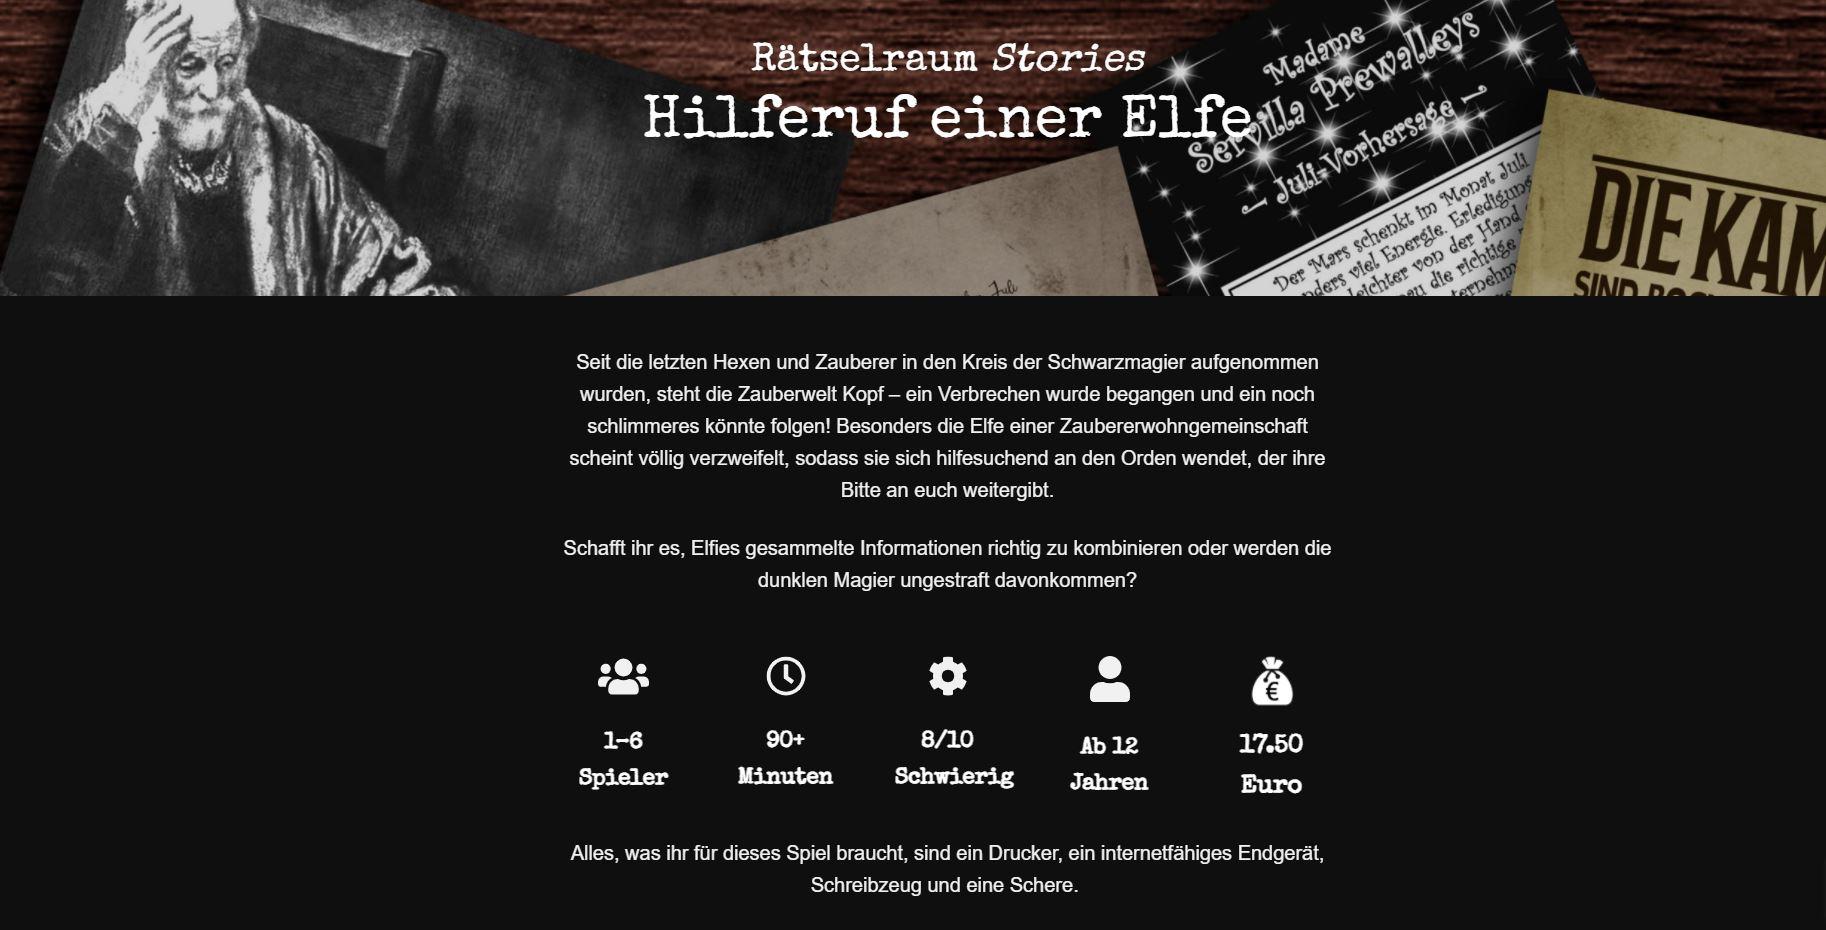 """Startbildschirm von """"Hilferuf einer Elfe"""" mit den Spielparametern"""